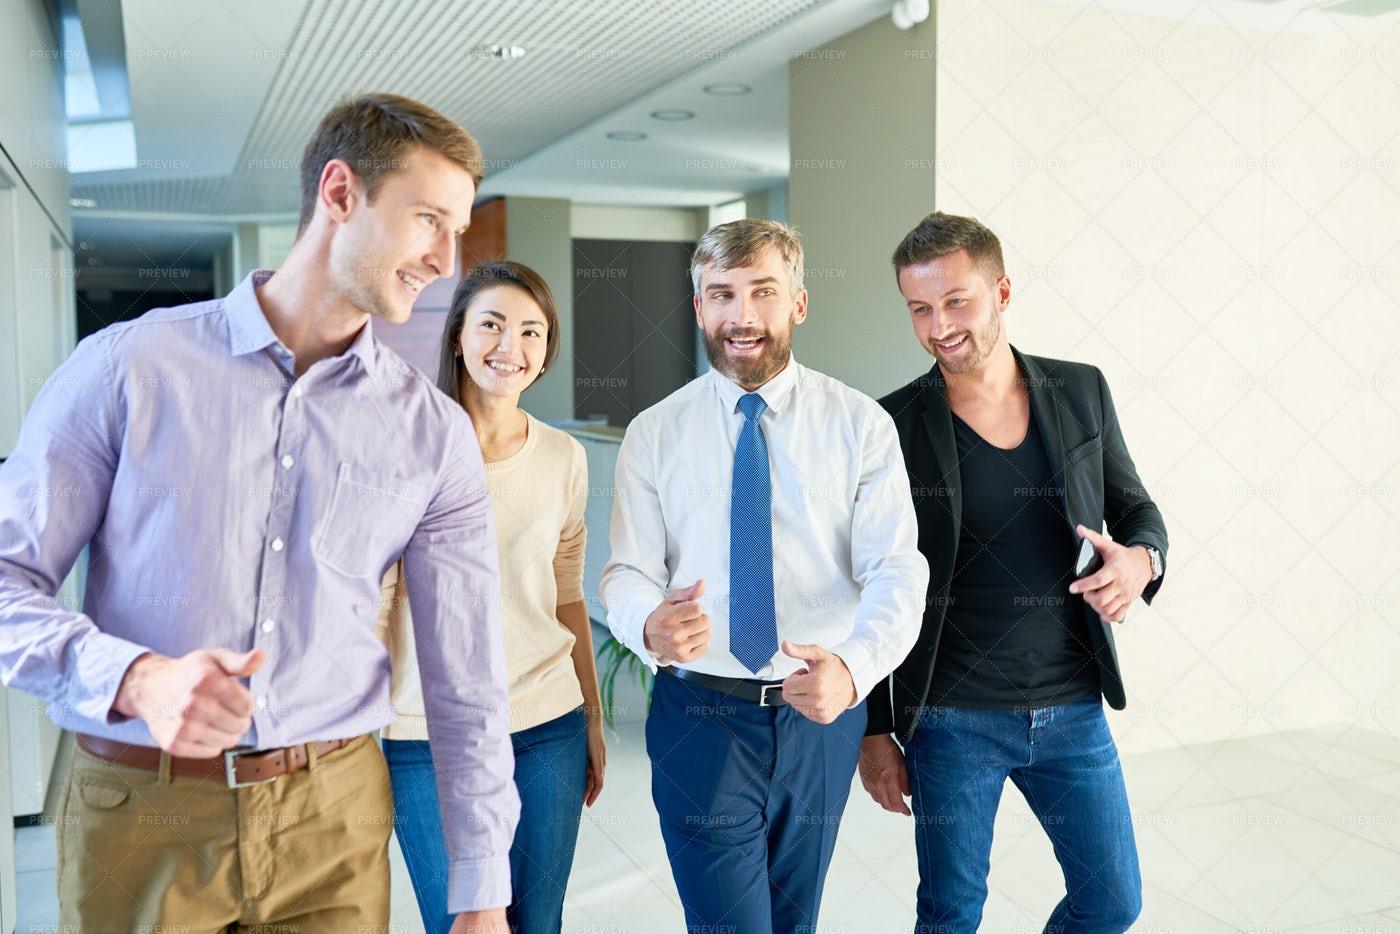 Having Fun With Colleagues: Stock Photos